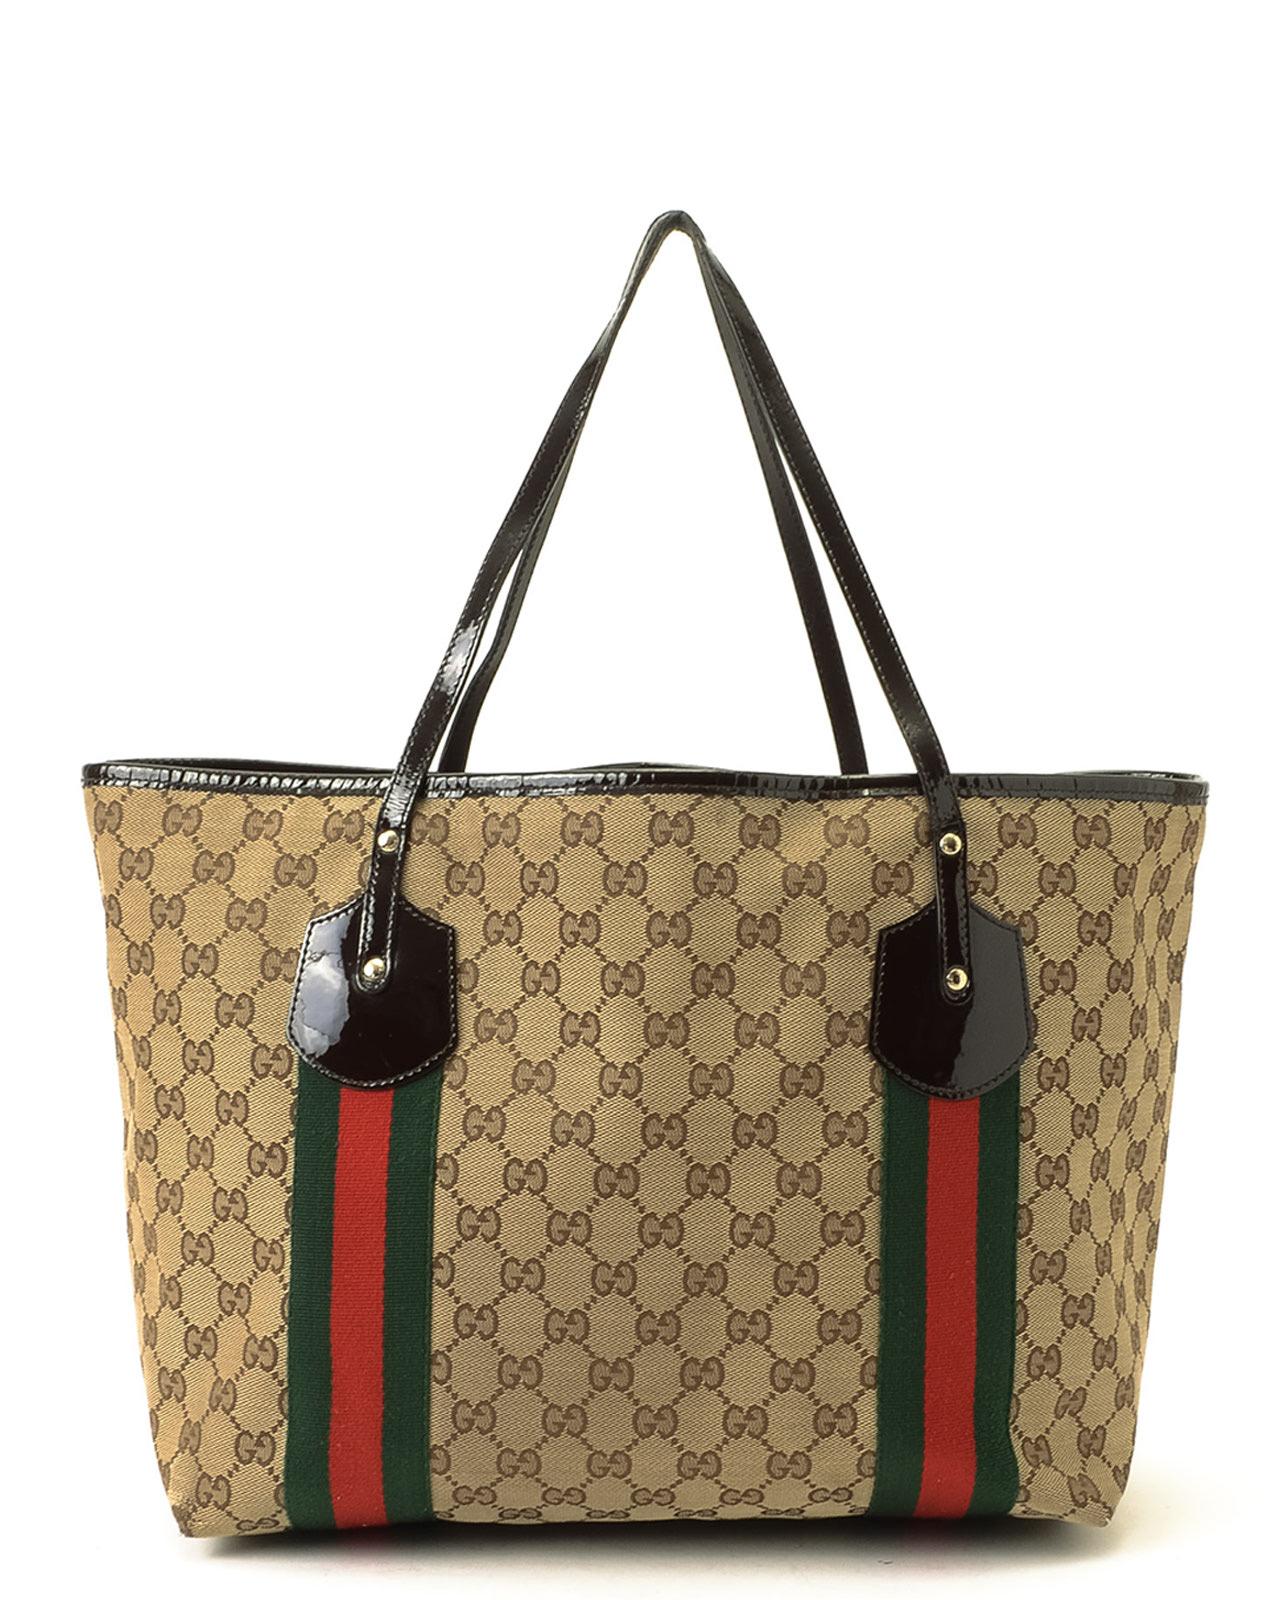 ffc794acabd6 Gucci Jolie Tote Bag in Natural - Lyst